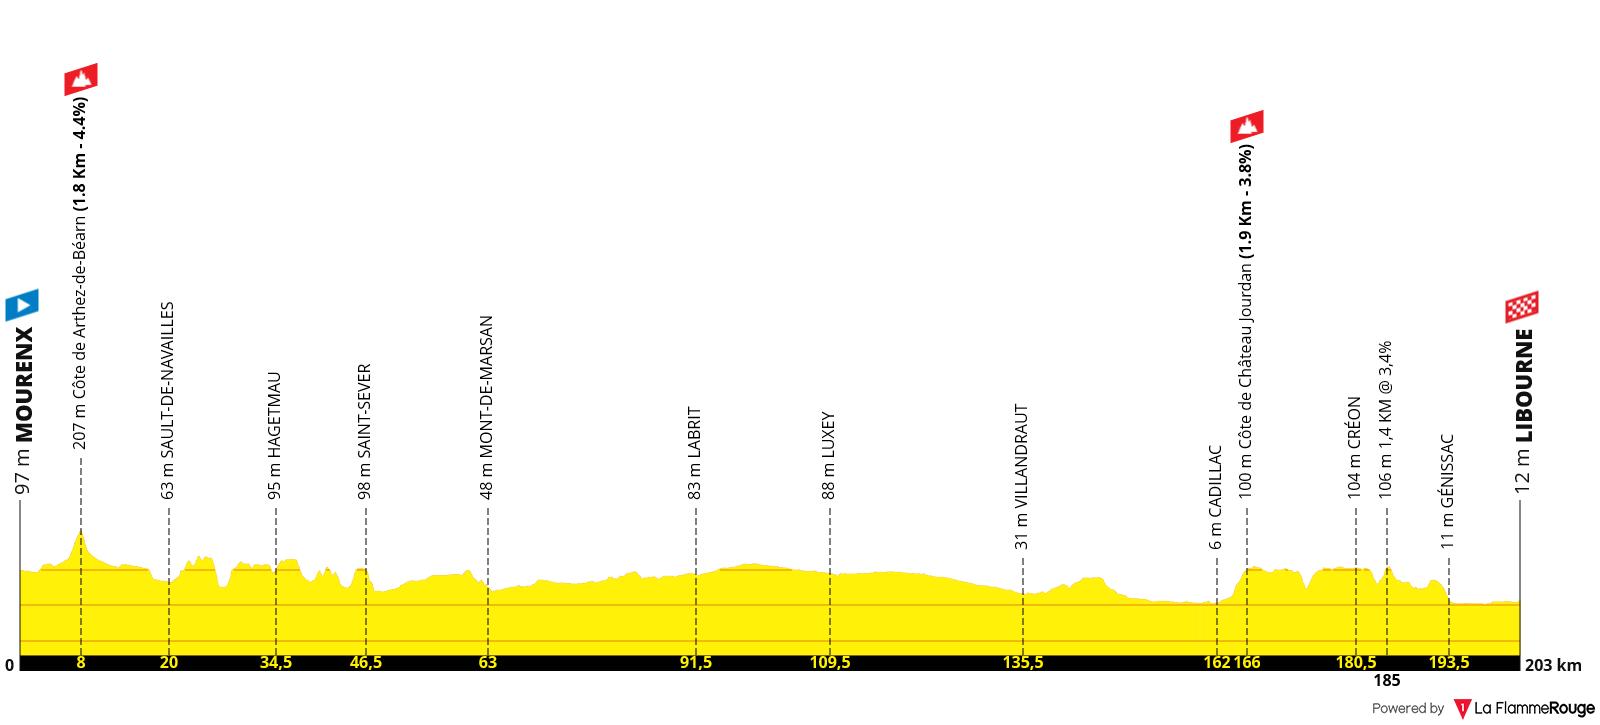 Etapa 19 - Tour de Francia 2021